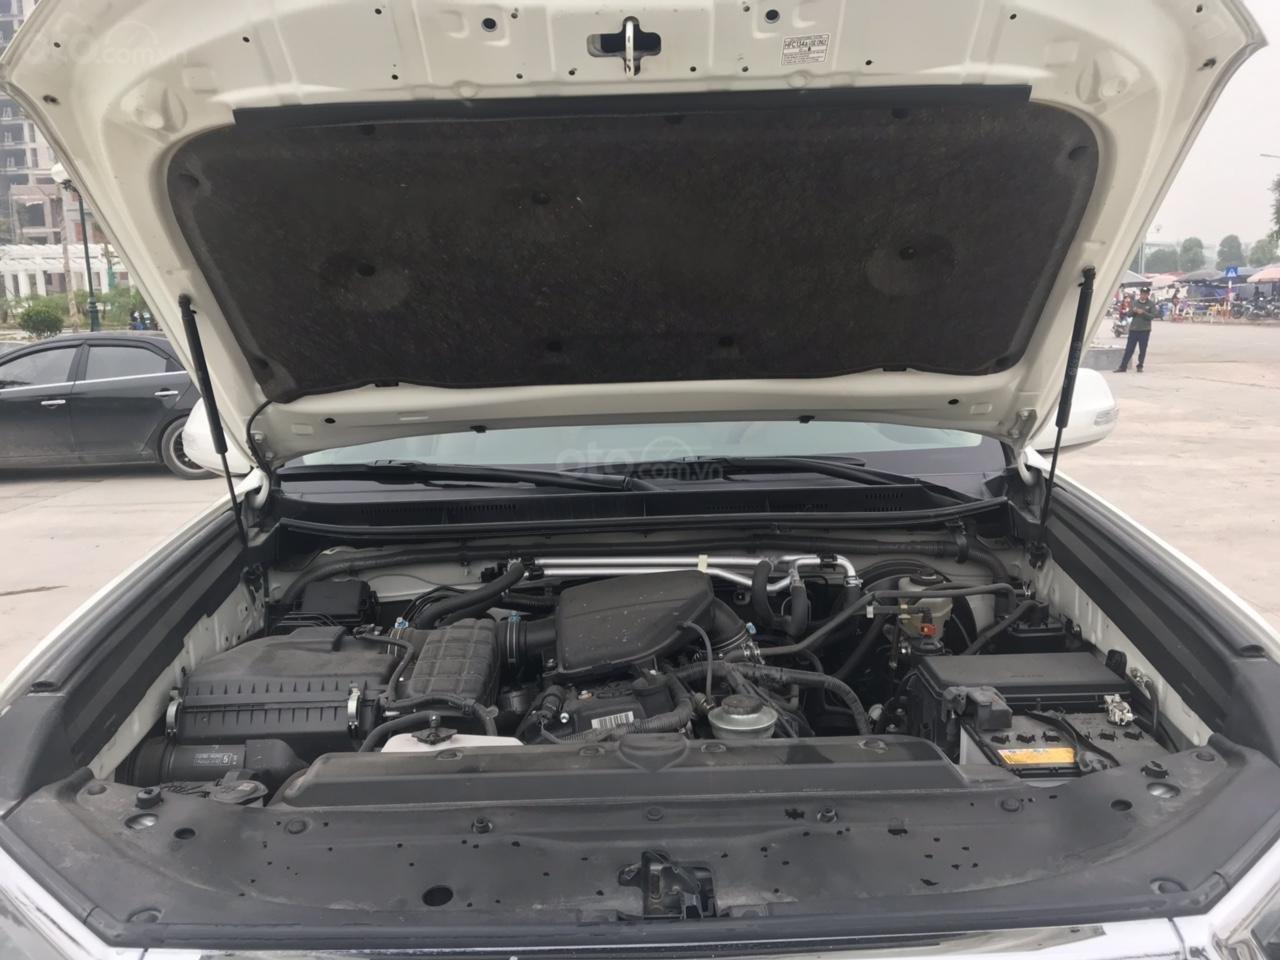 Cần bán xe Toyota Prado đời 2018, màu trắng, xe siêu lướt thơm mùi mới - Liên hệ: 094-711-6996 Mr Thanh-2